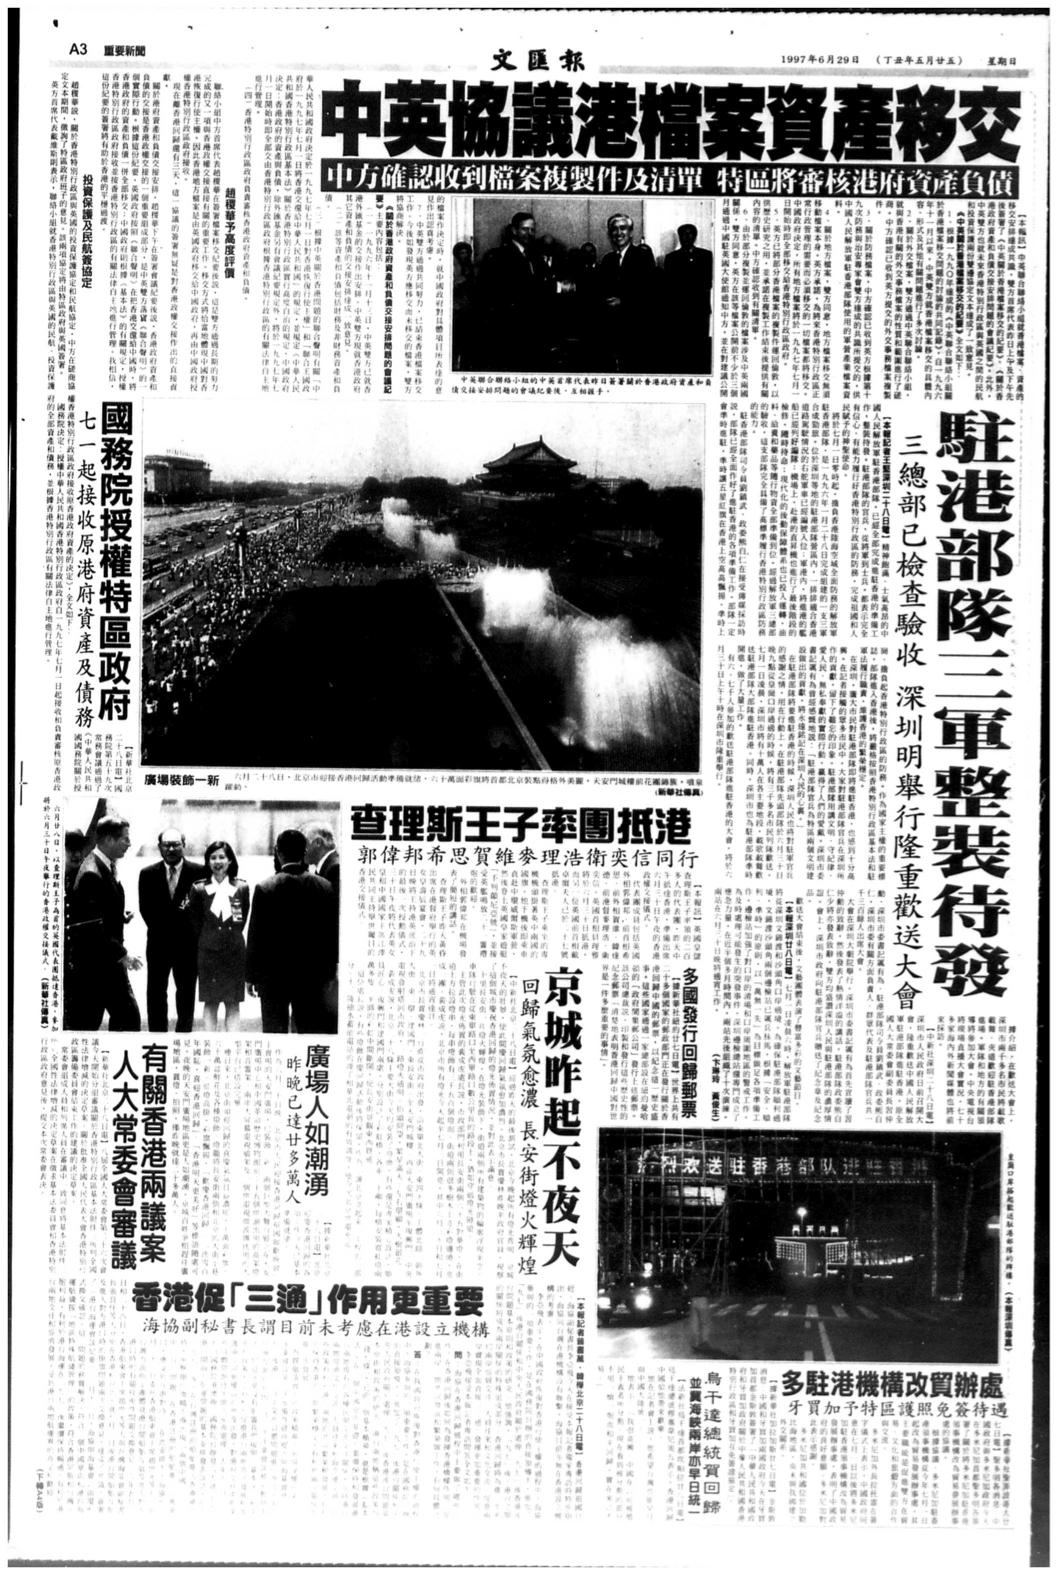 1997年6月29日,《文匯》頭條說港府已將檔案移交中方,還有解放軍已「整裝待發」,準備入駐香港。